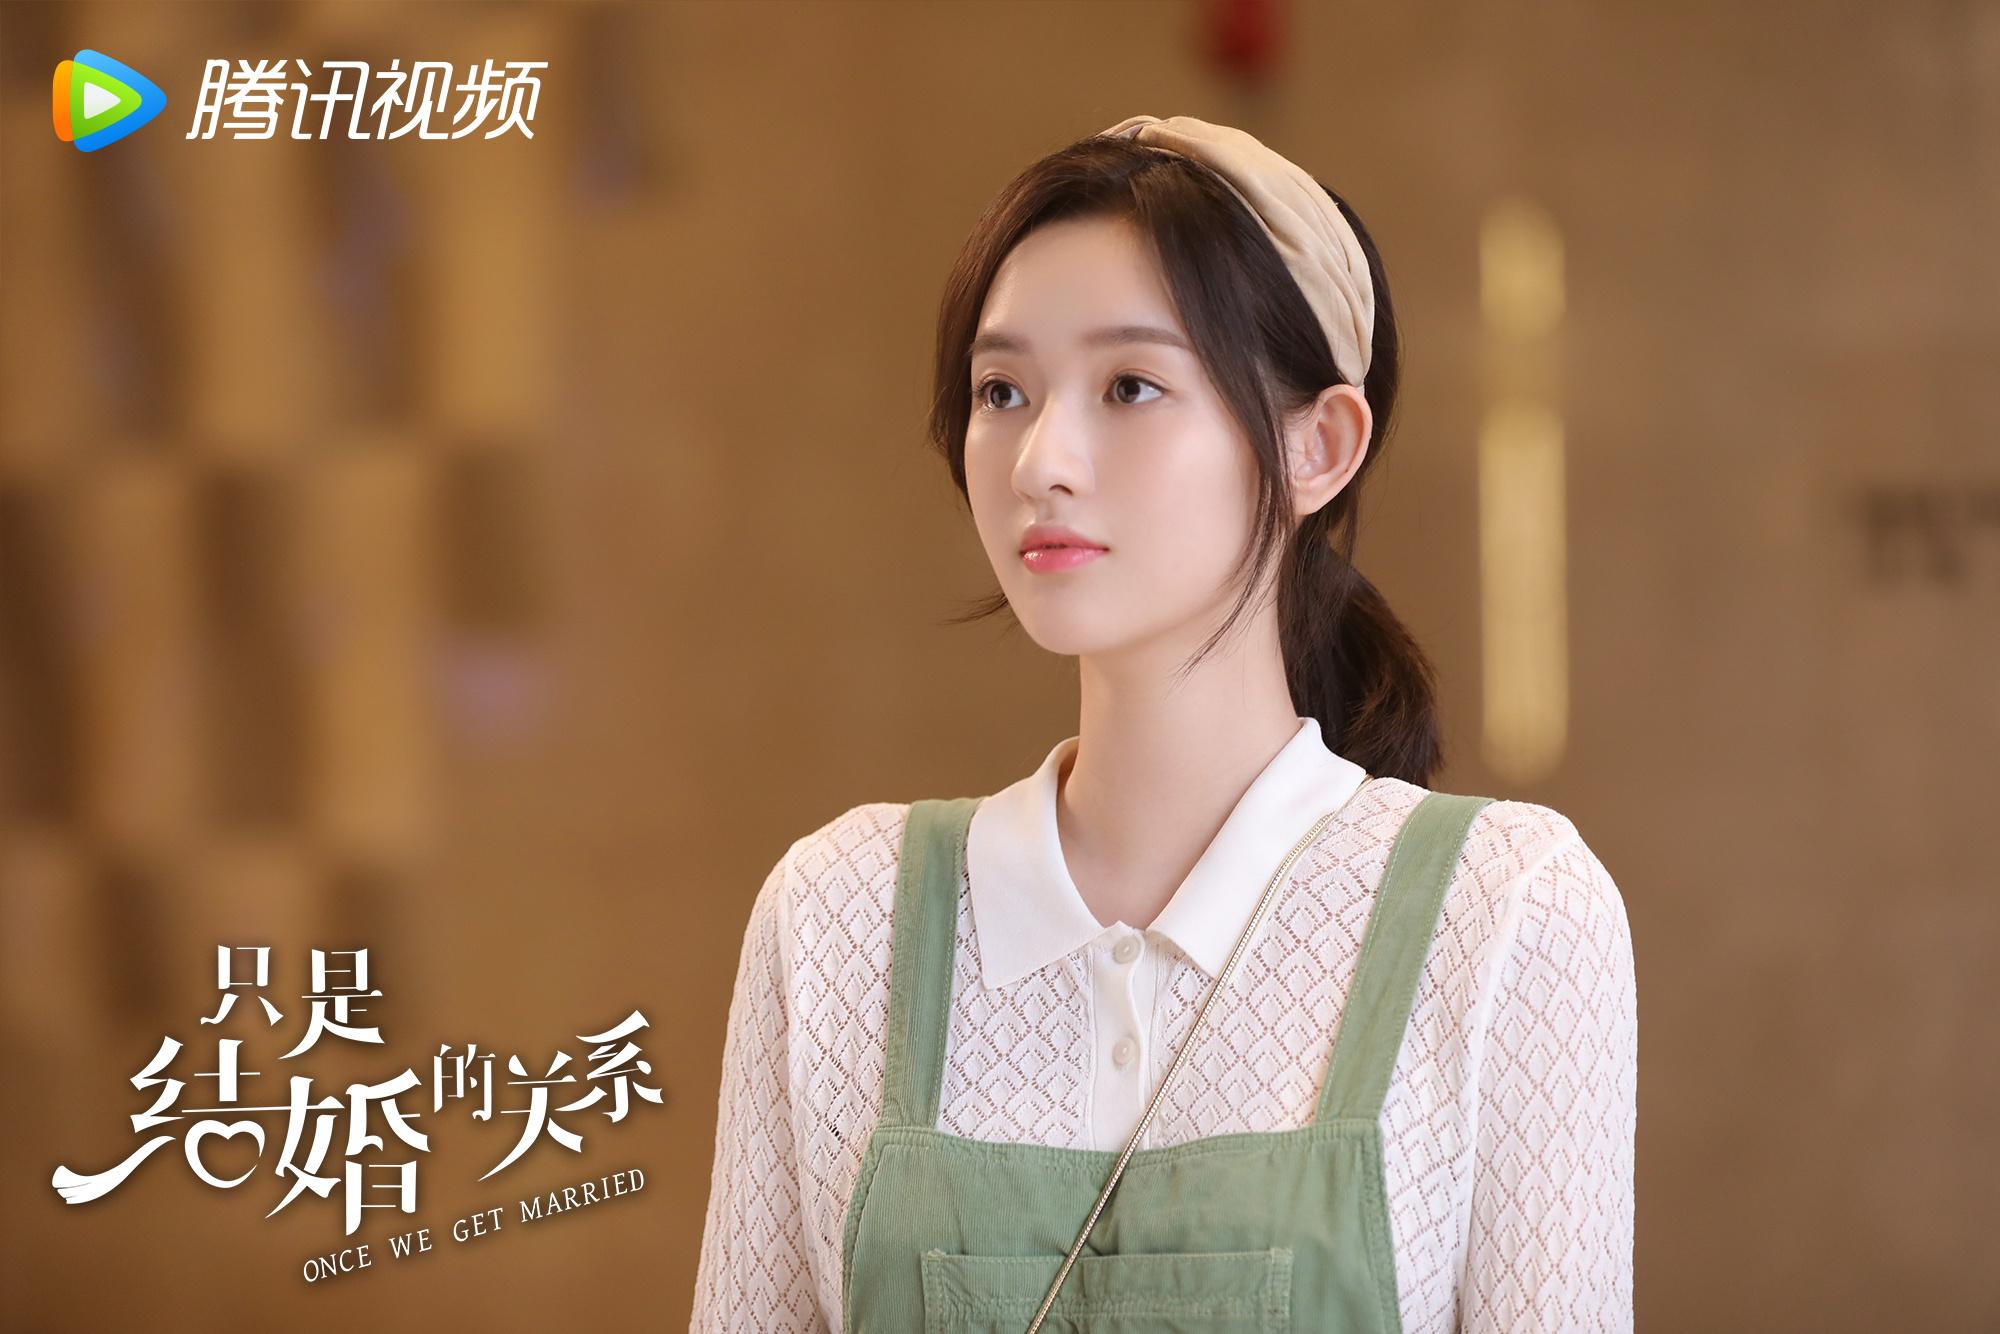 Wang Yuwen's